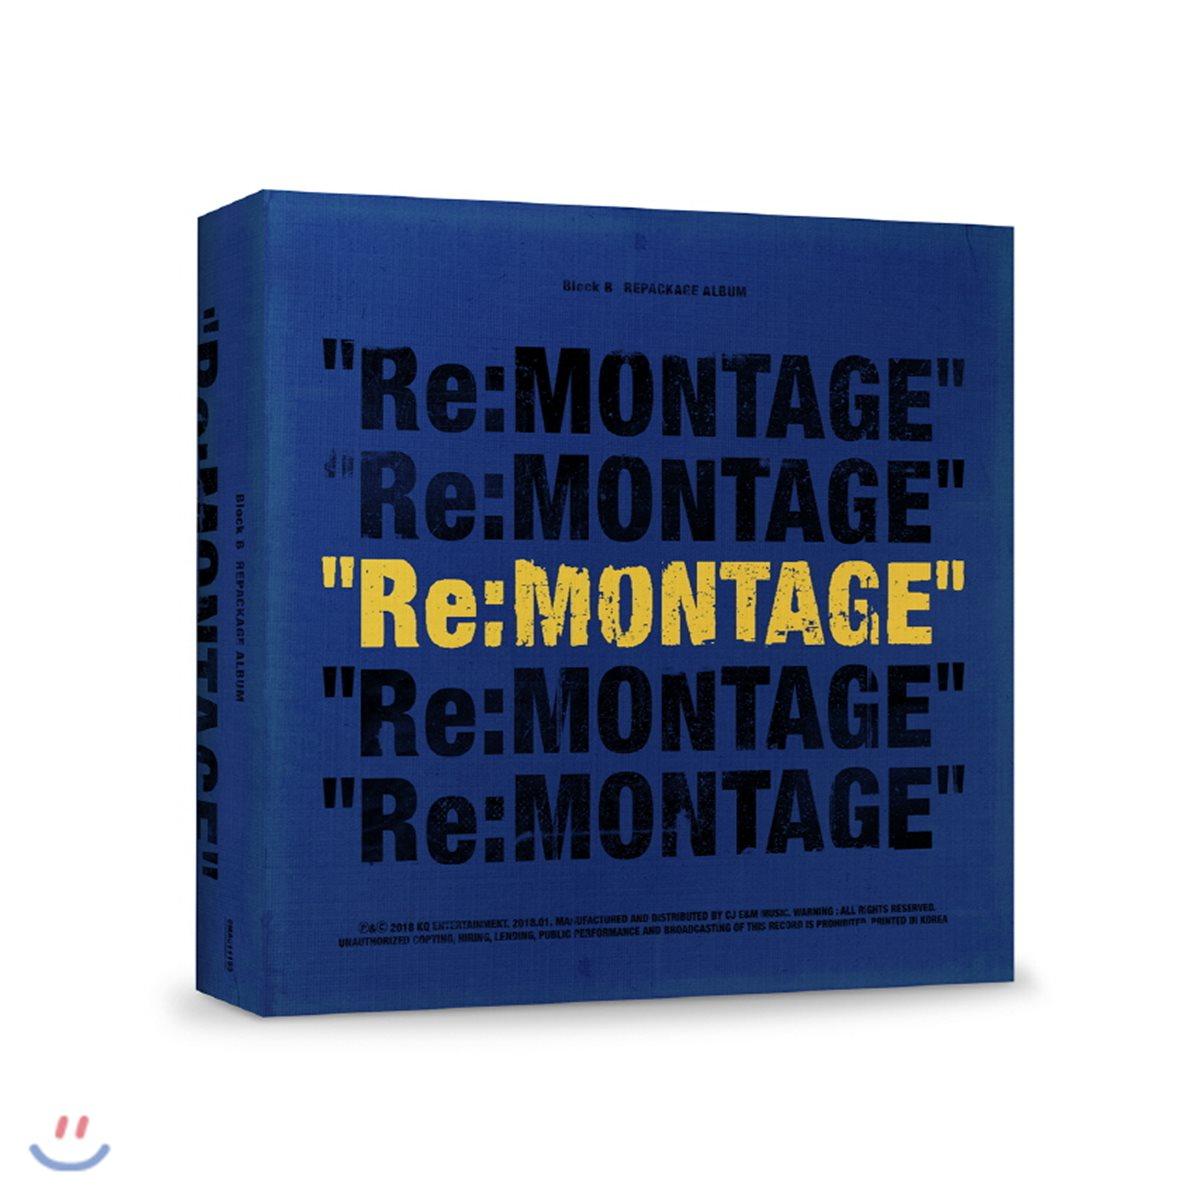 블락비 (Block B) - 미니앨범 6집 리패키지 : Re:Montage